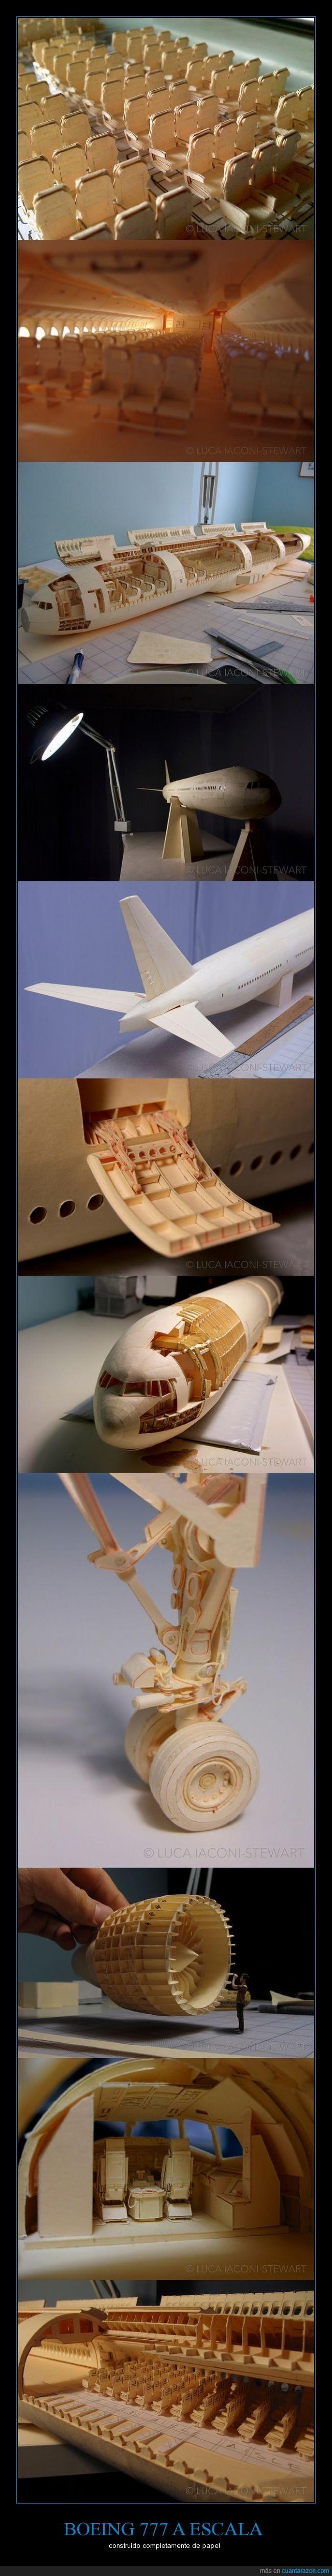 avion,boeing,escala,madera,maqueta,papel,sorprendente